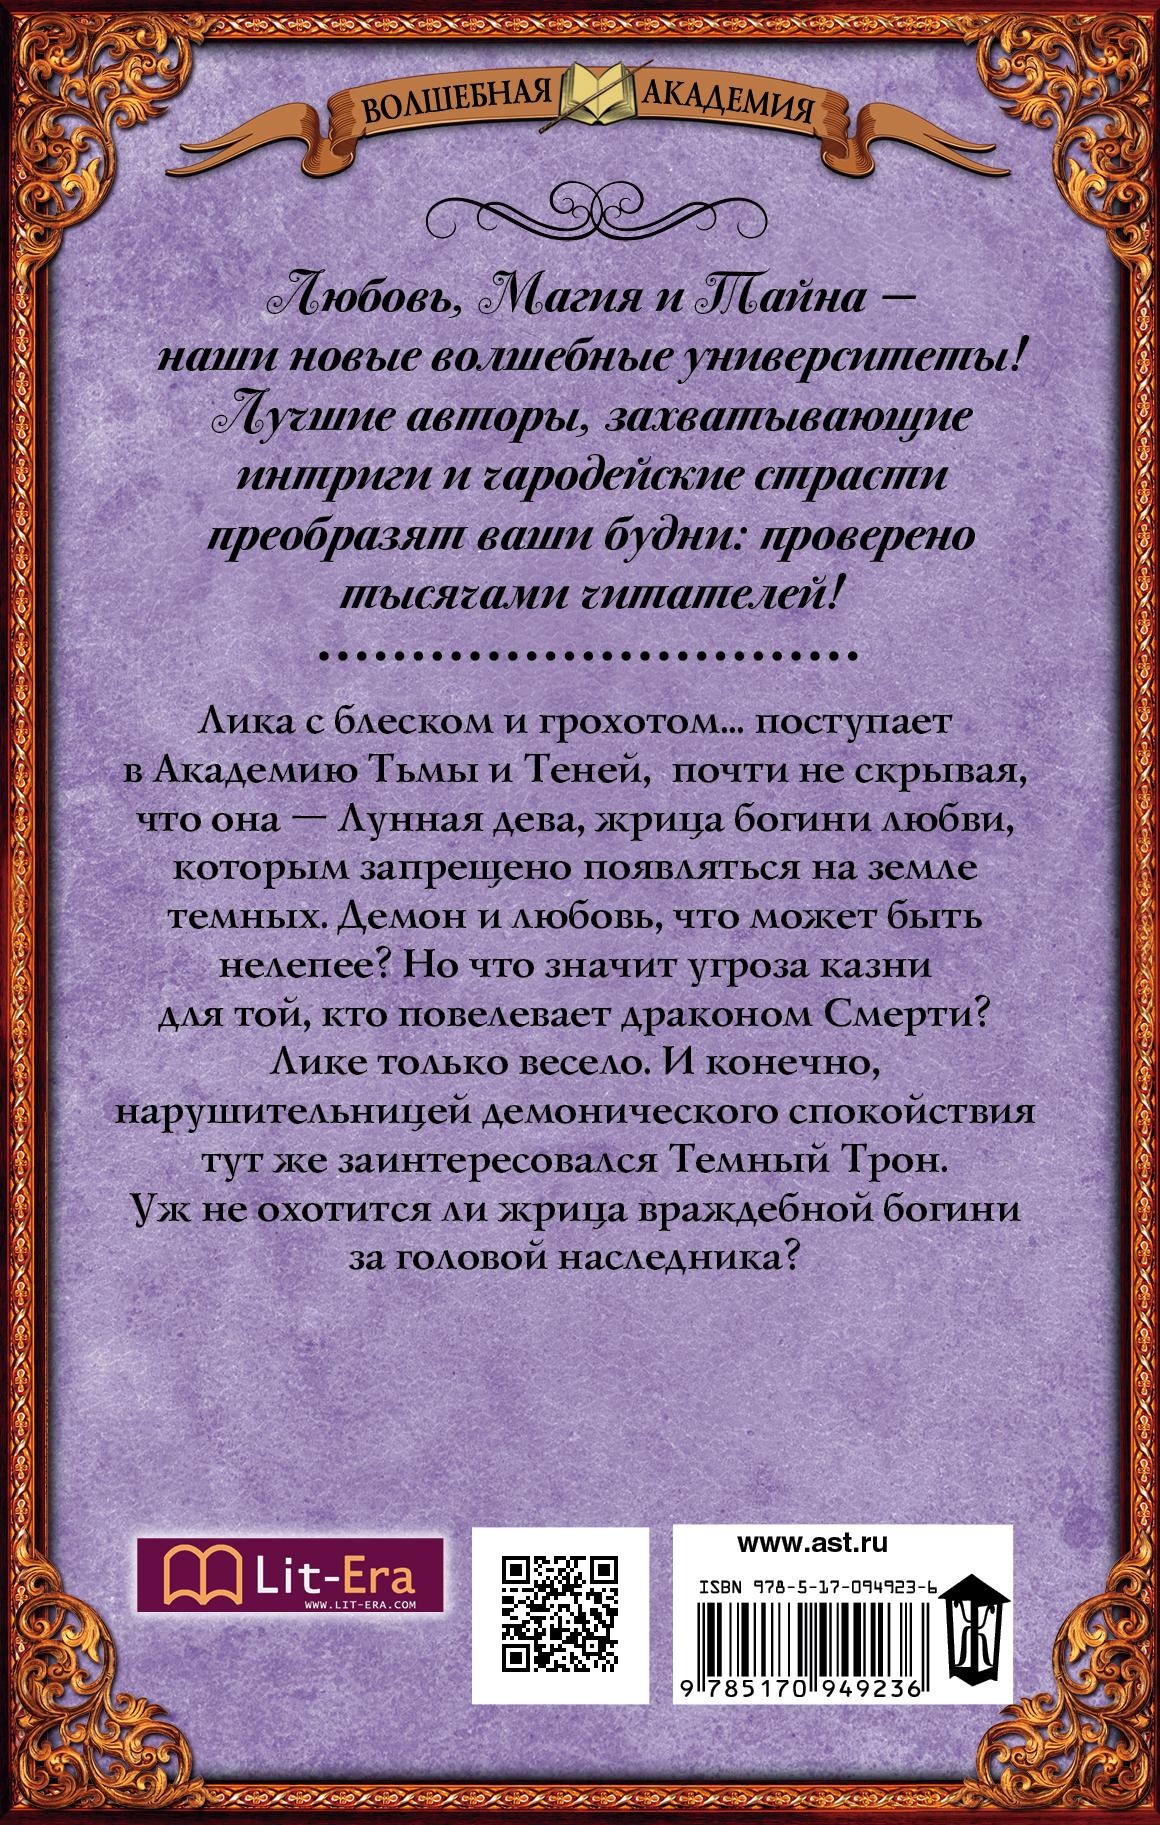 Ирмата Арьяр. Академия Тьмы и Теней. Телохранительница Его Темнейшества